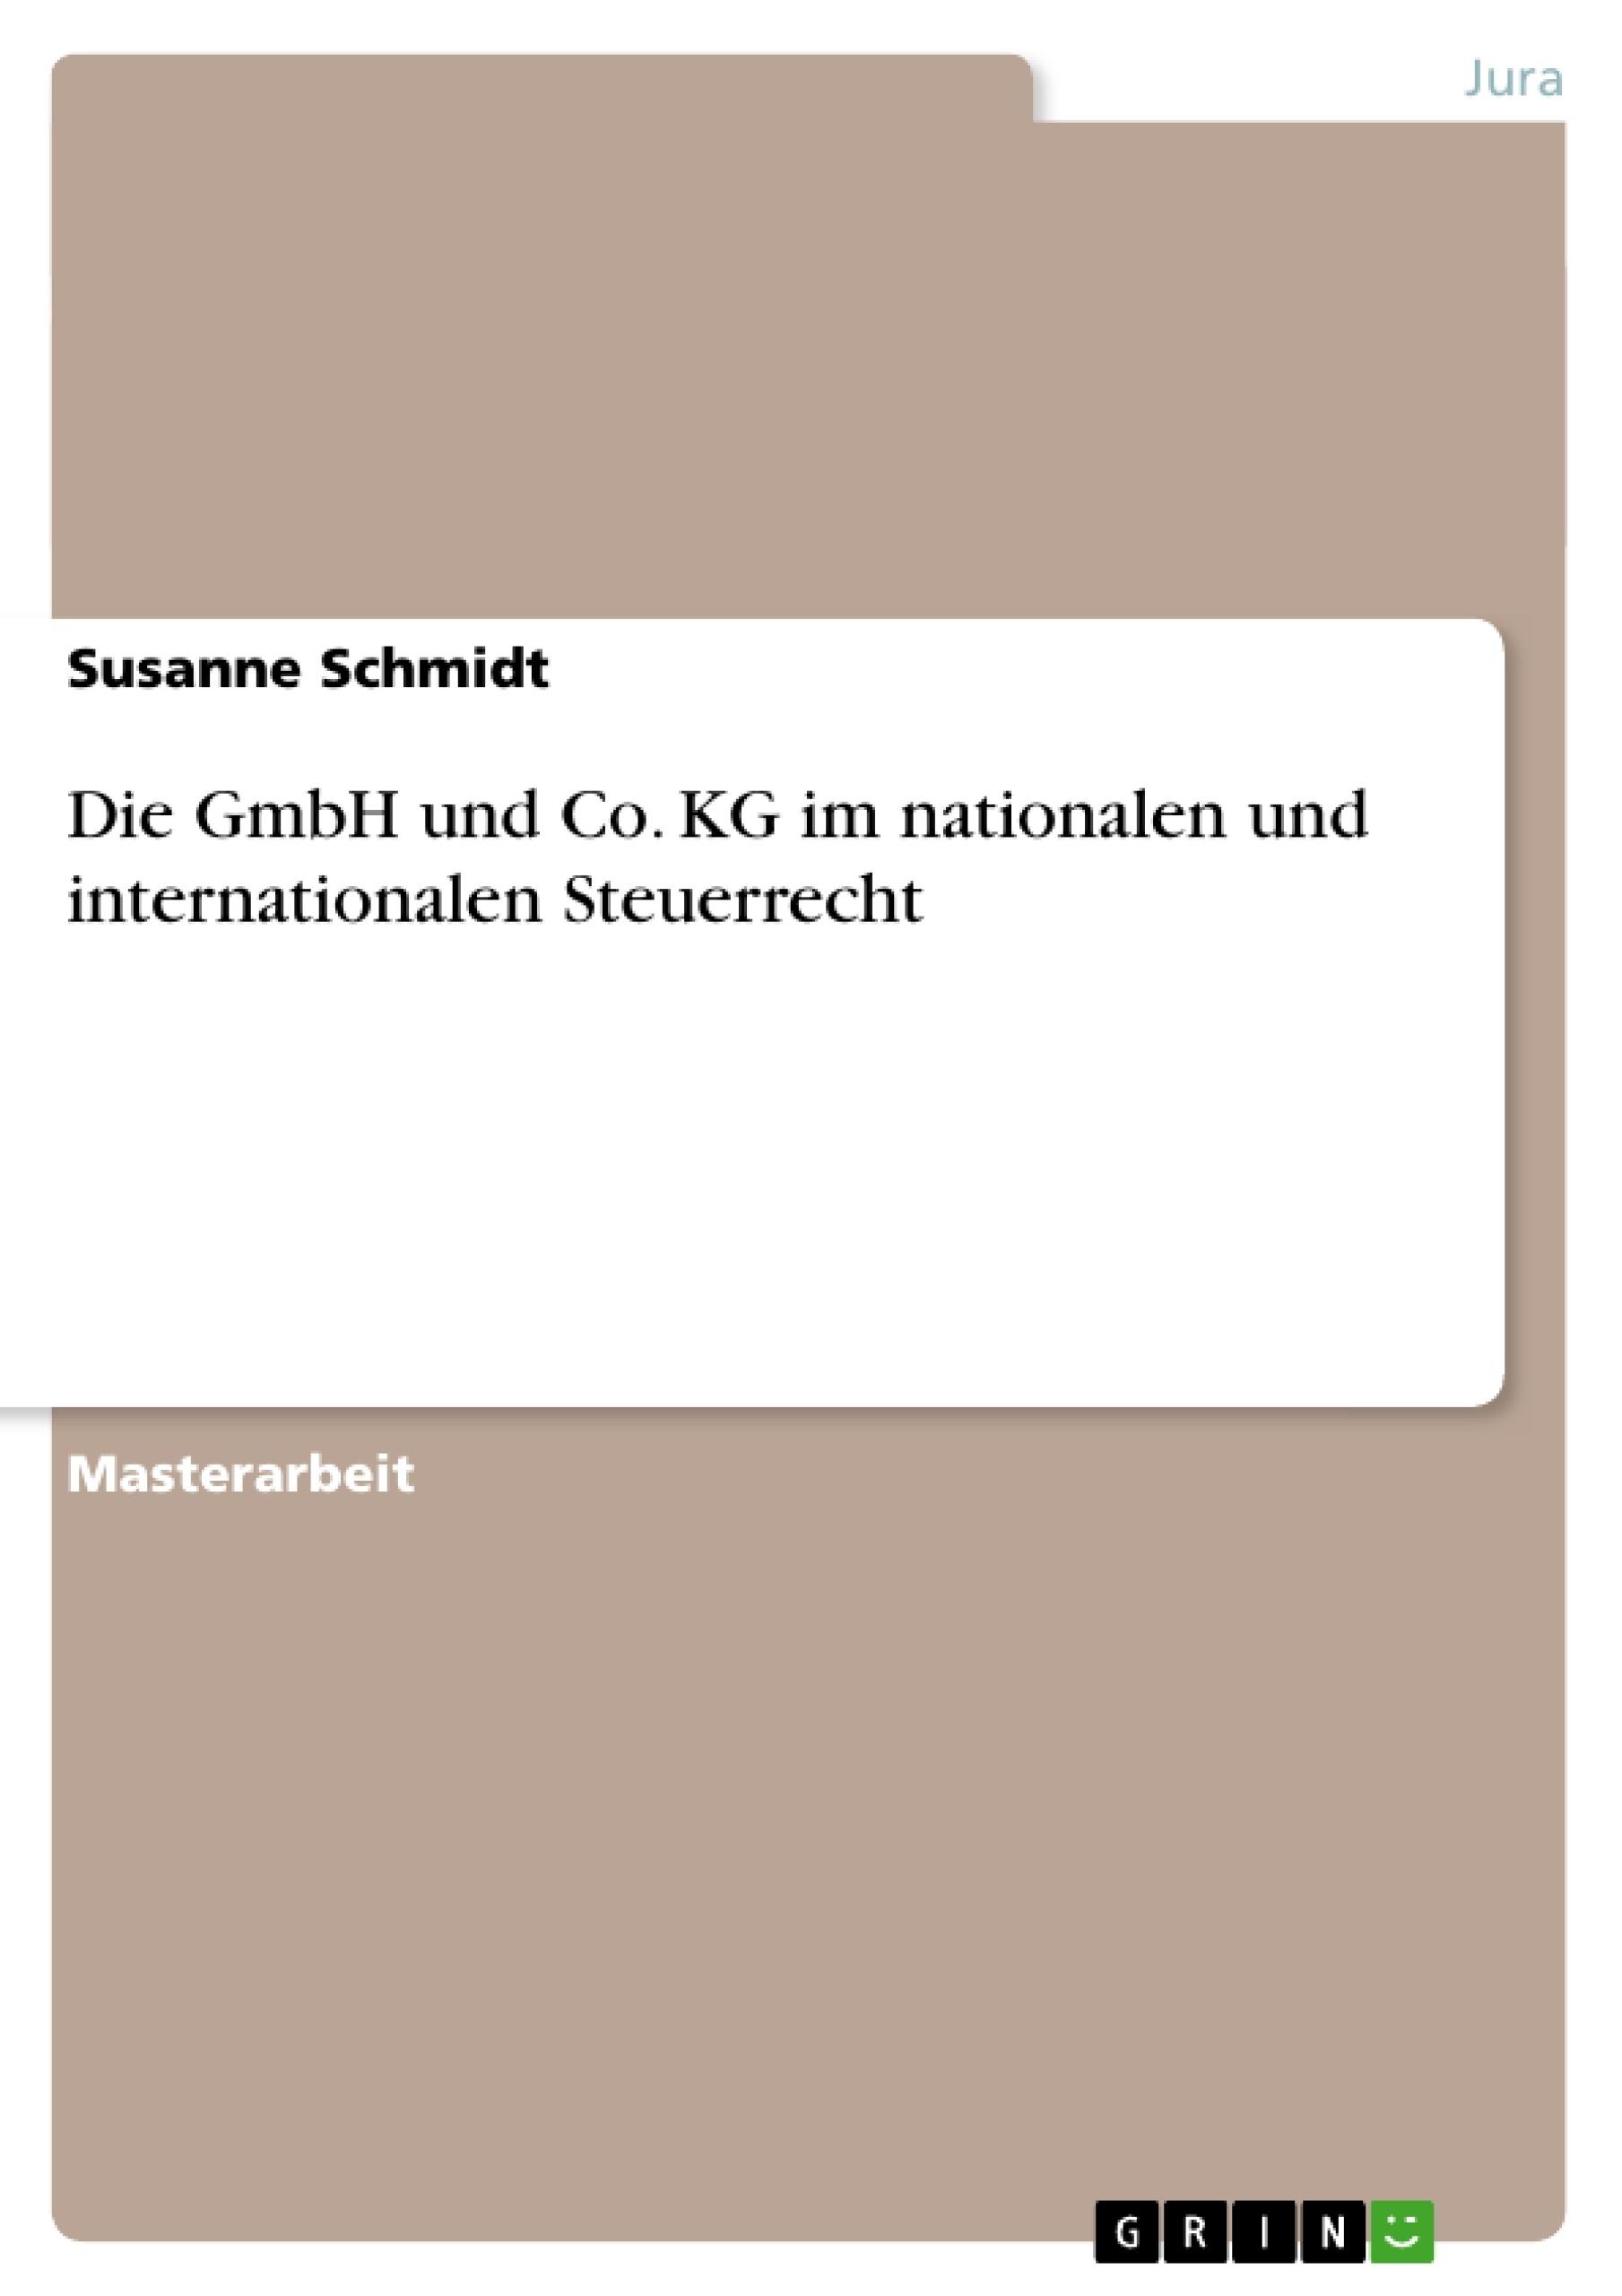 Titel: Die GmbH und Co. KG im nationalen und internationalen Steuerrecht